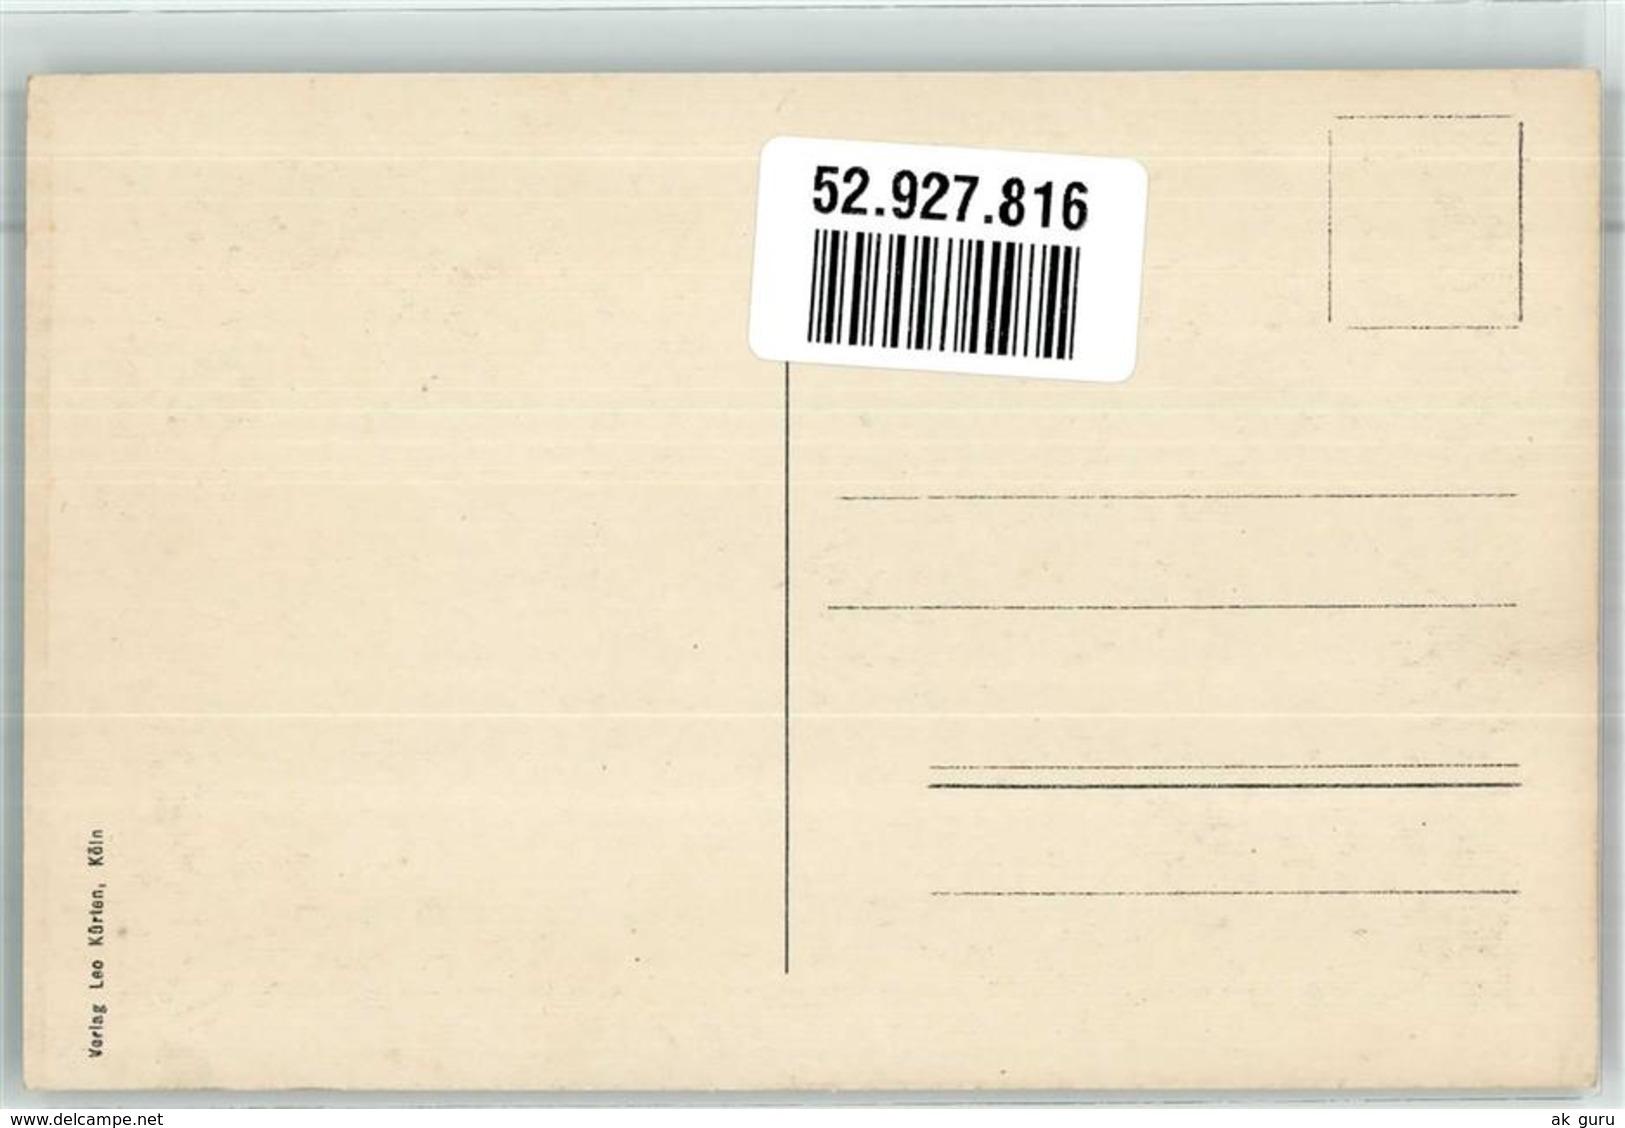 52927816 - Koeln Deutz 105 - Koeln